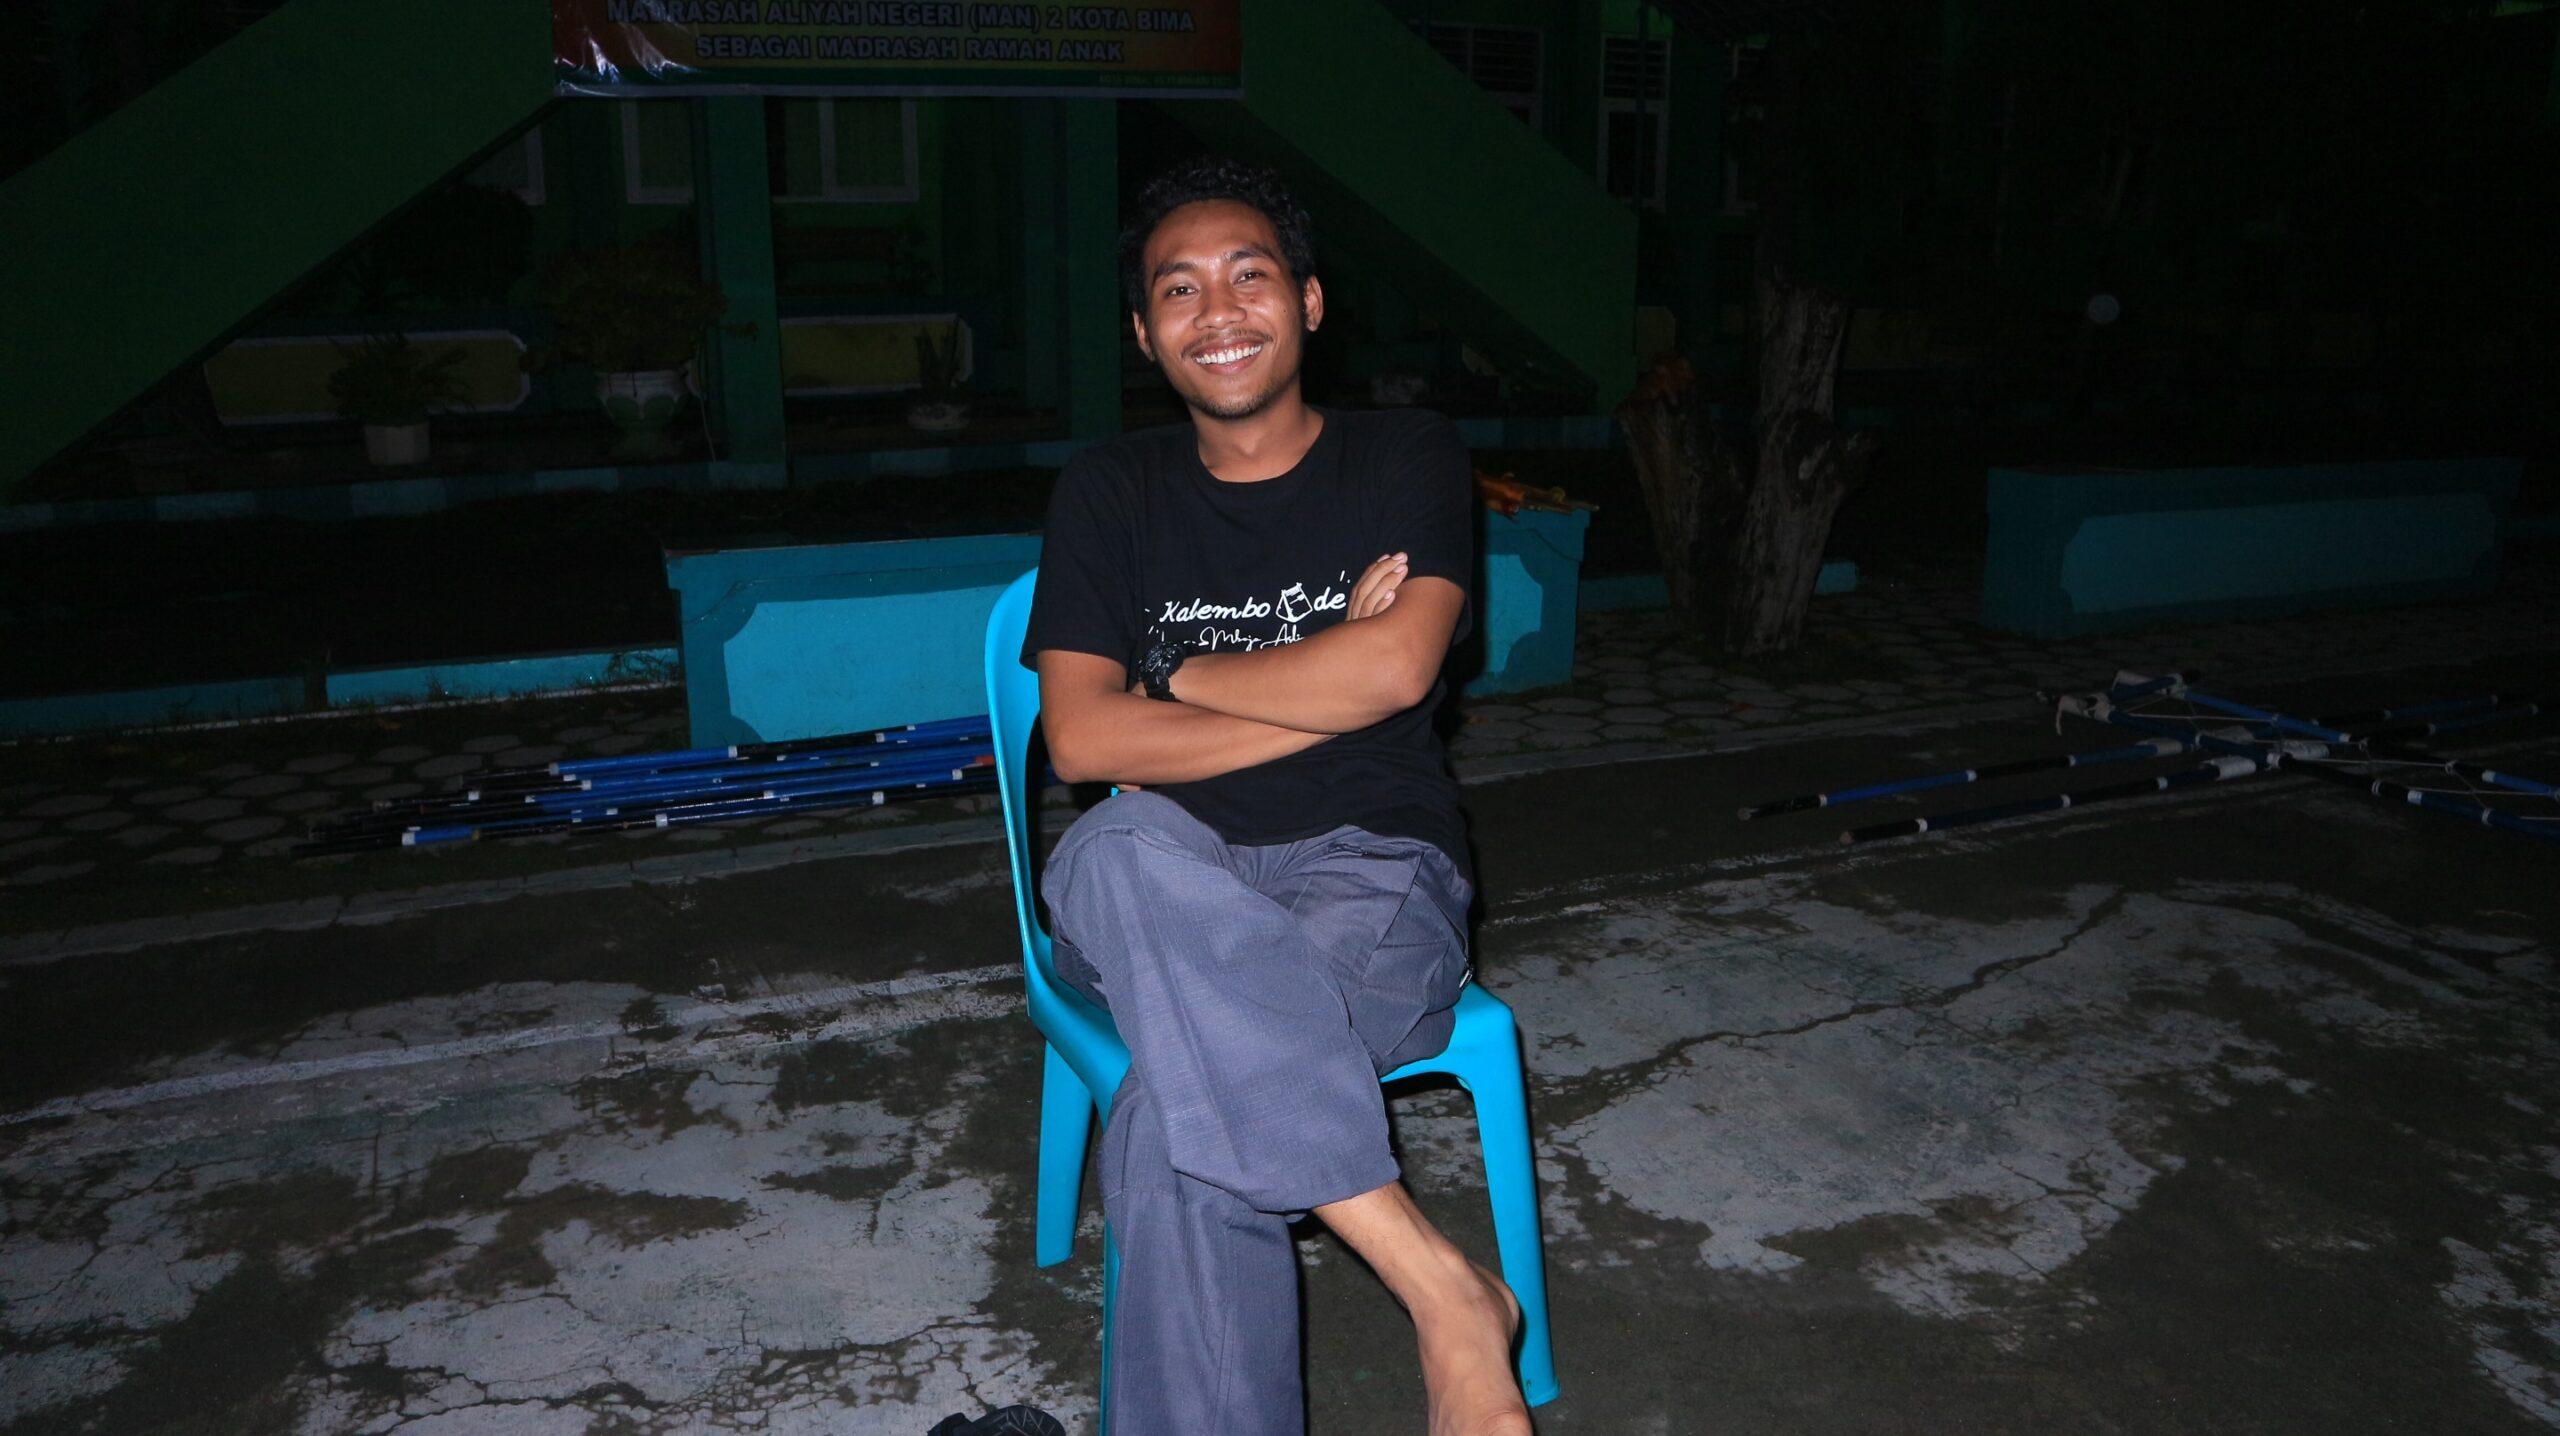 Ang Rijal Anas